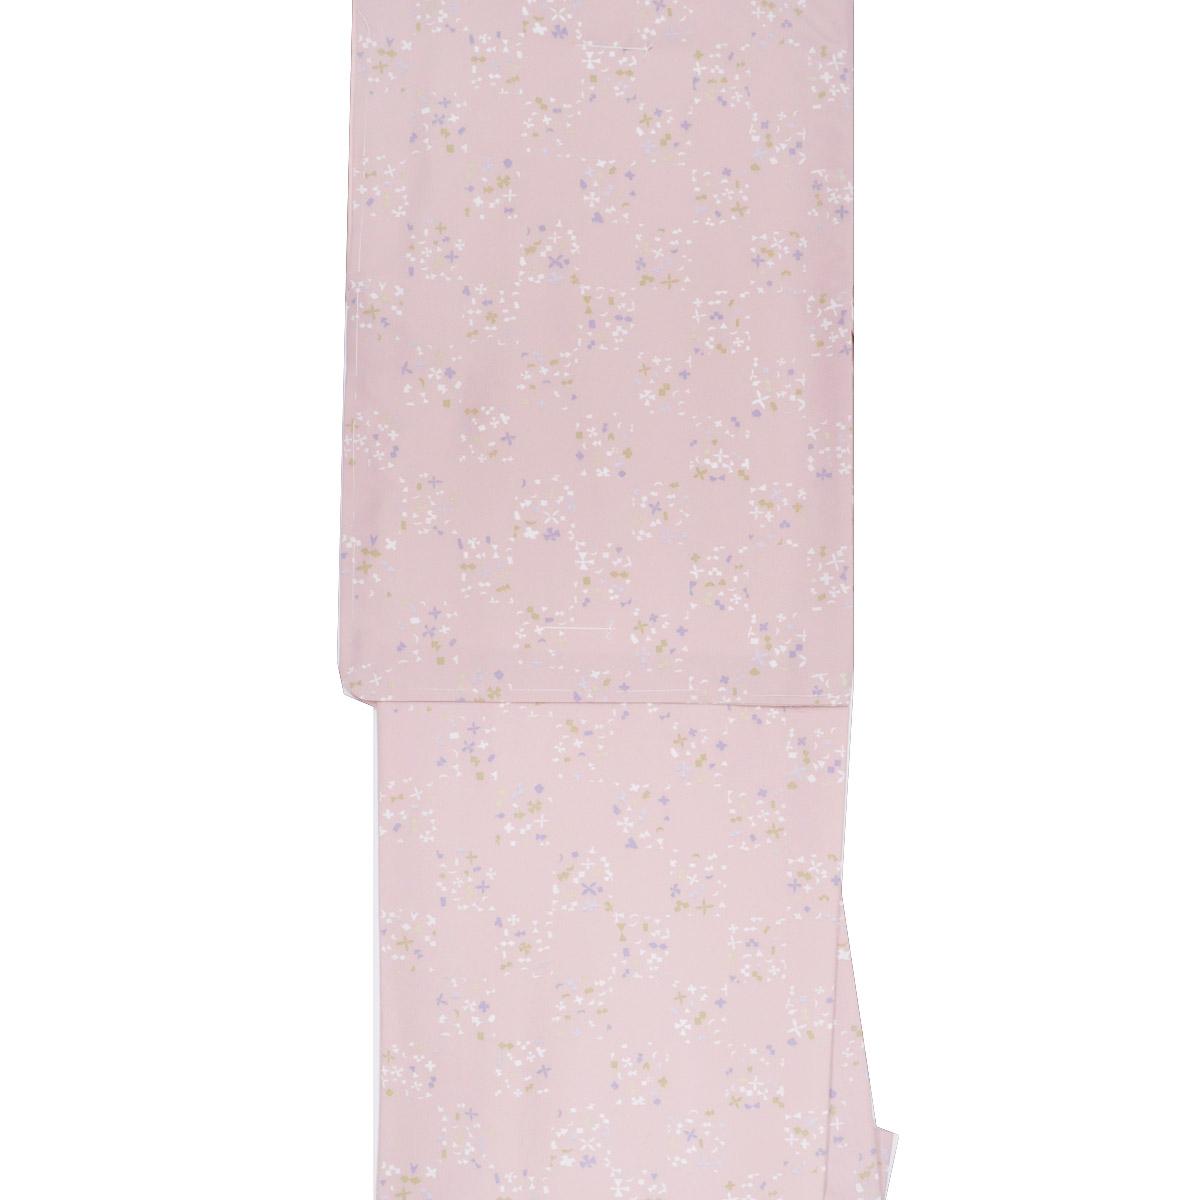 洗える着物 袷 単品【Mサイズ】洗える着物 普段着 小紋 番号f1011-304